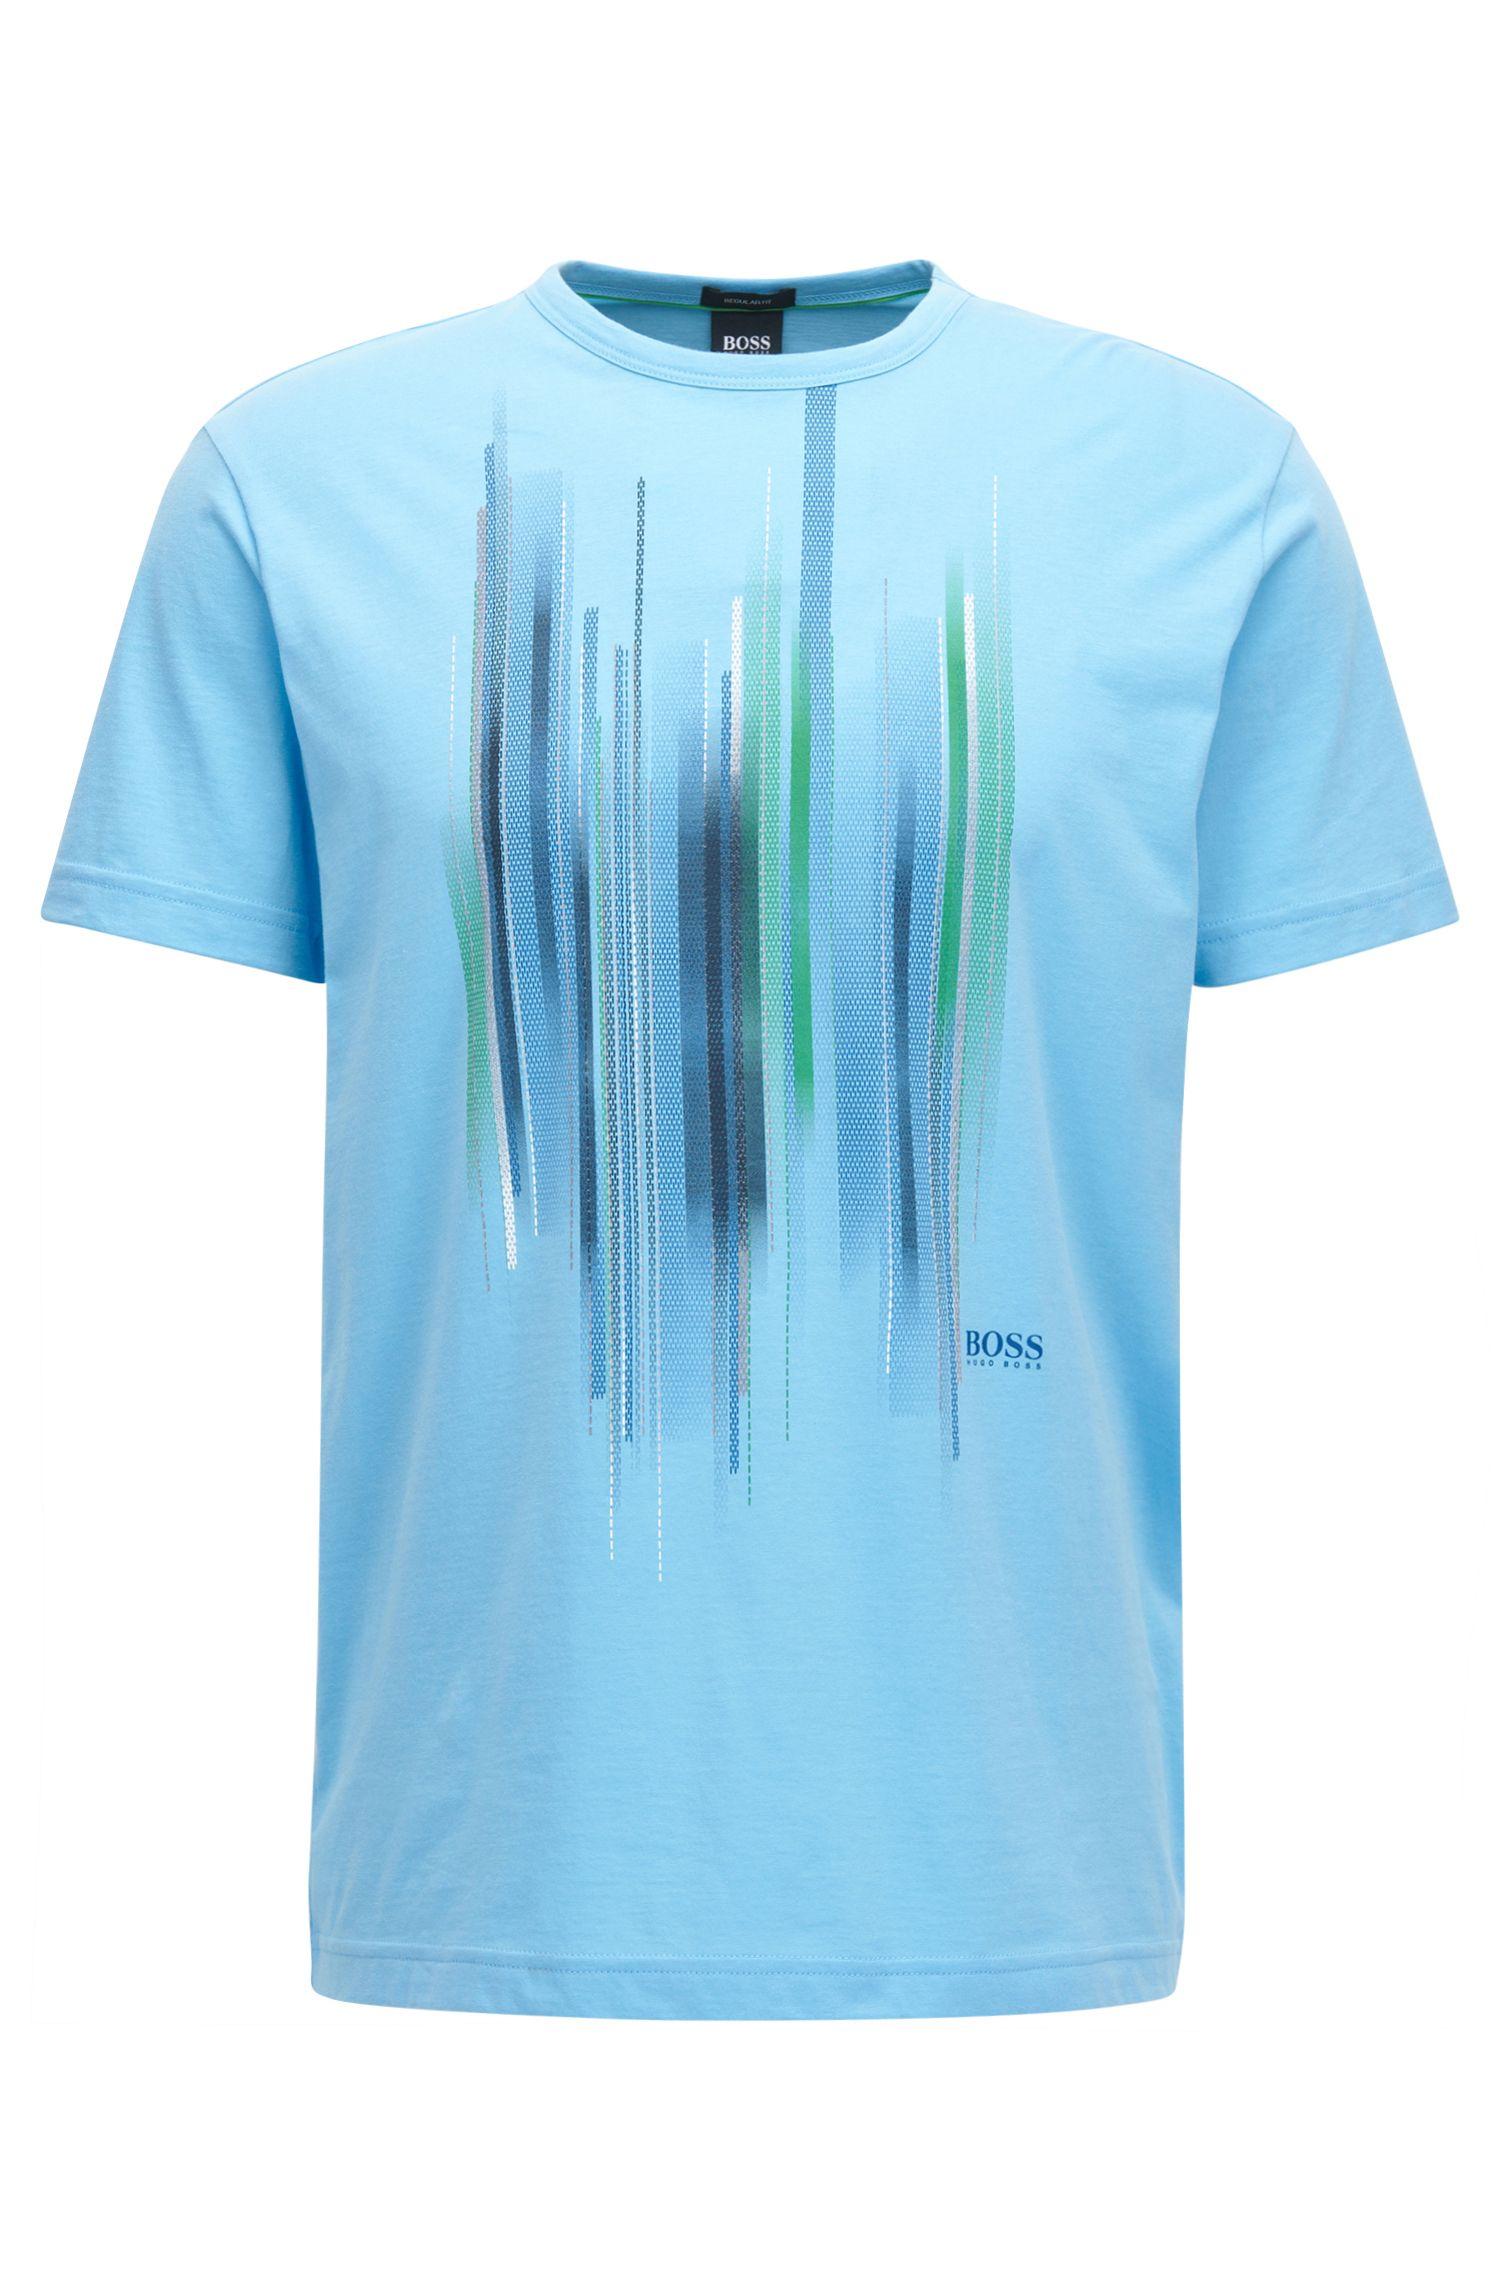 T-shirt en coton à imprimé graphique